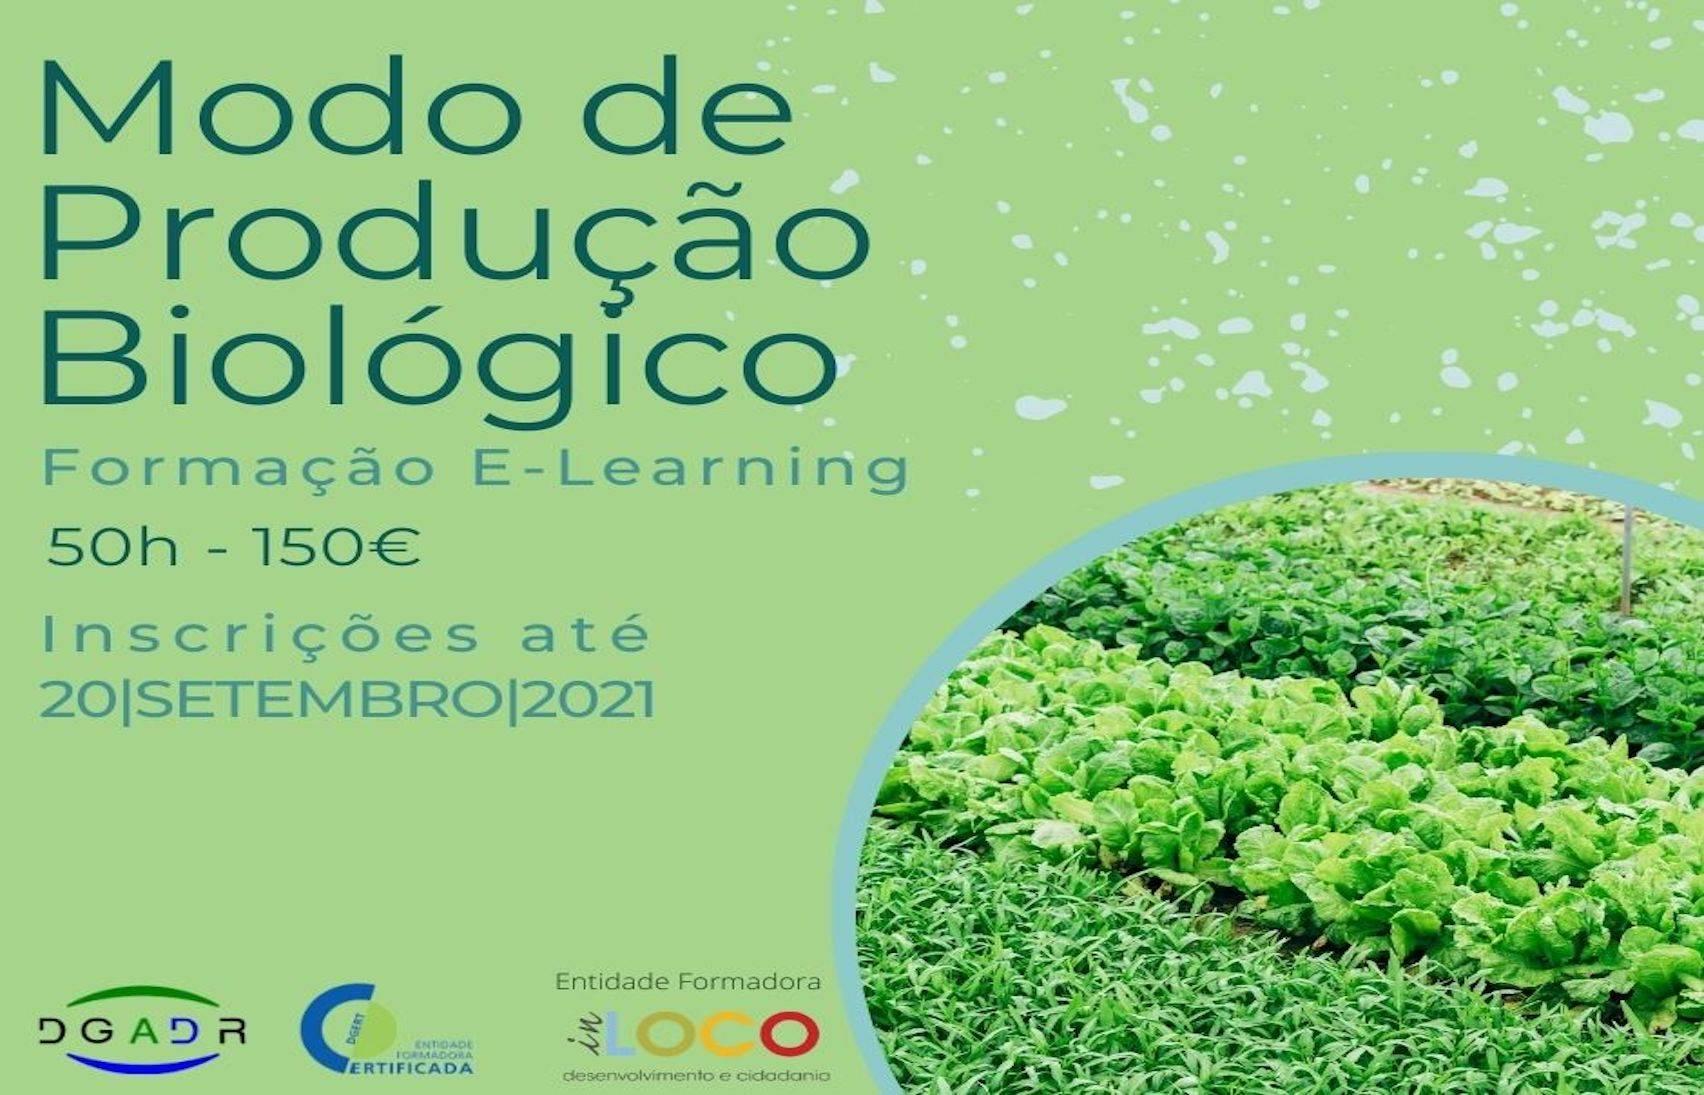 Formação E-Learning - Modo de Produção Biológico